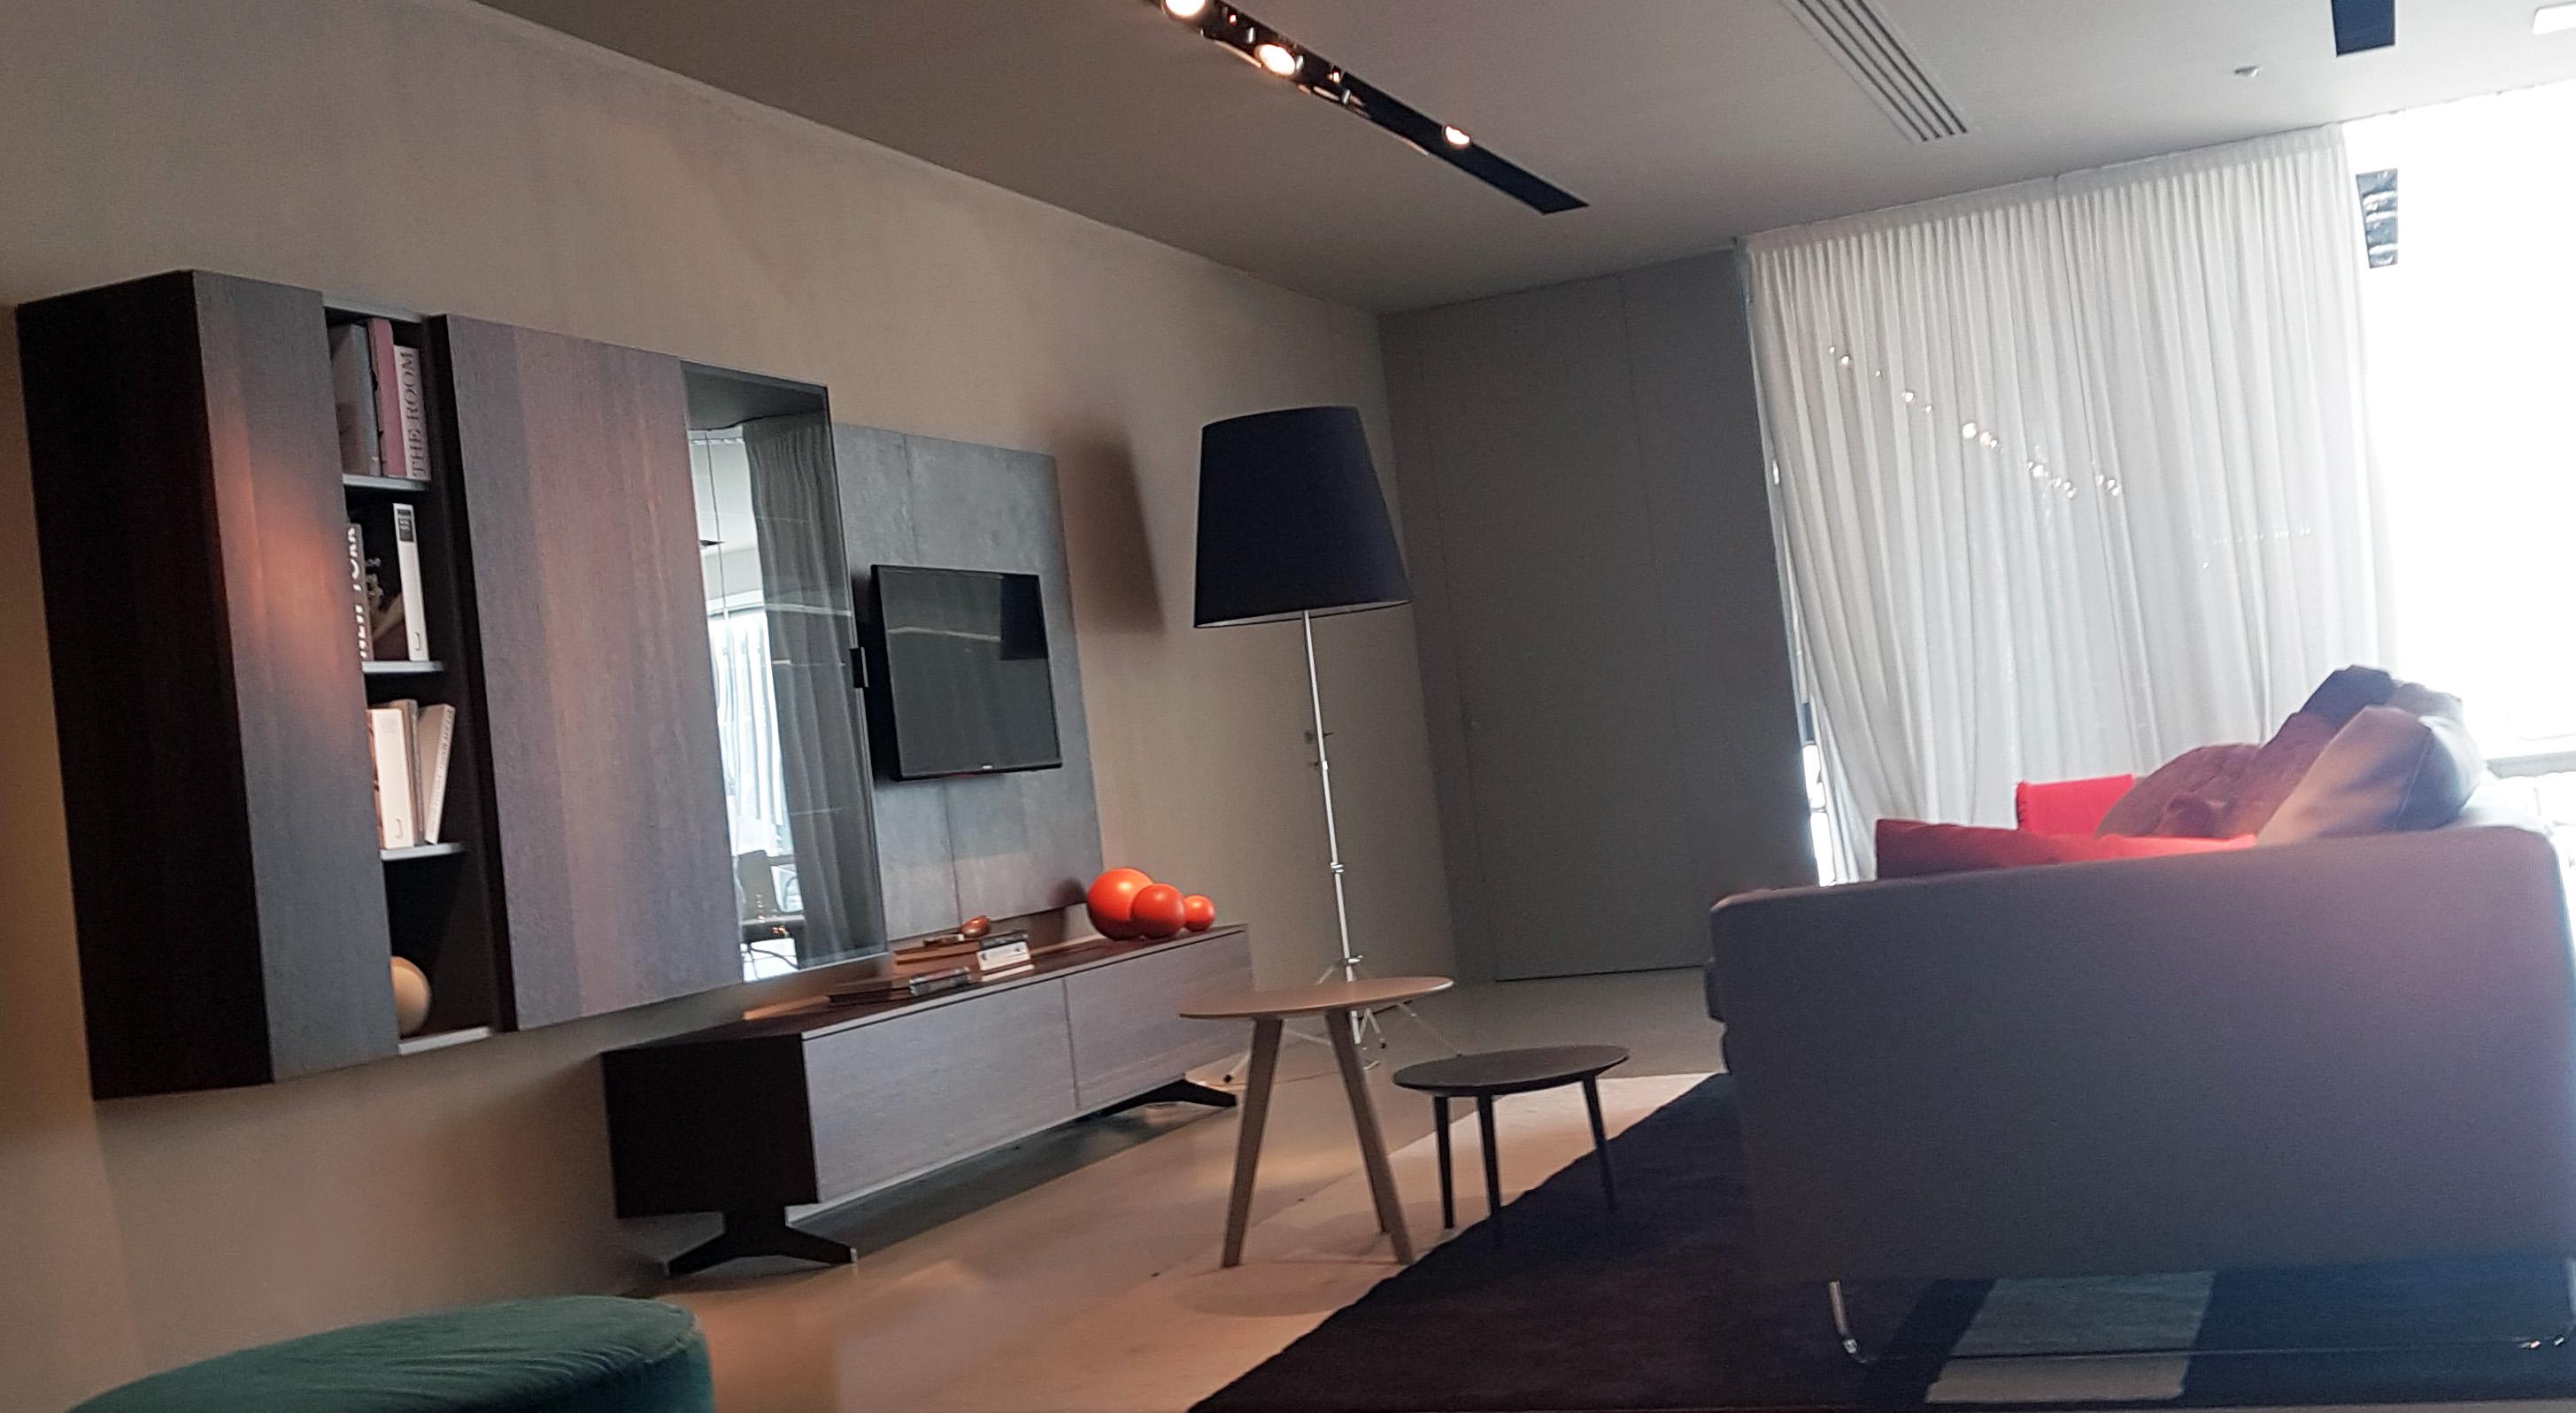 Grand salon avec meuble TV suspendu